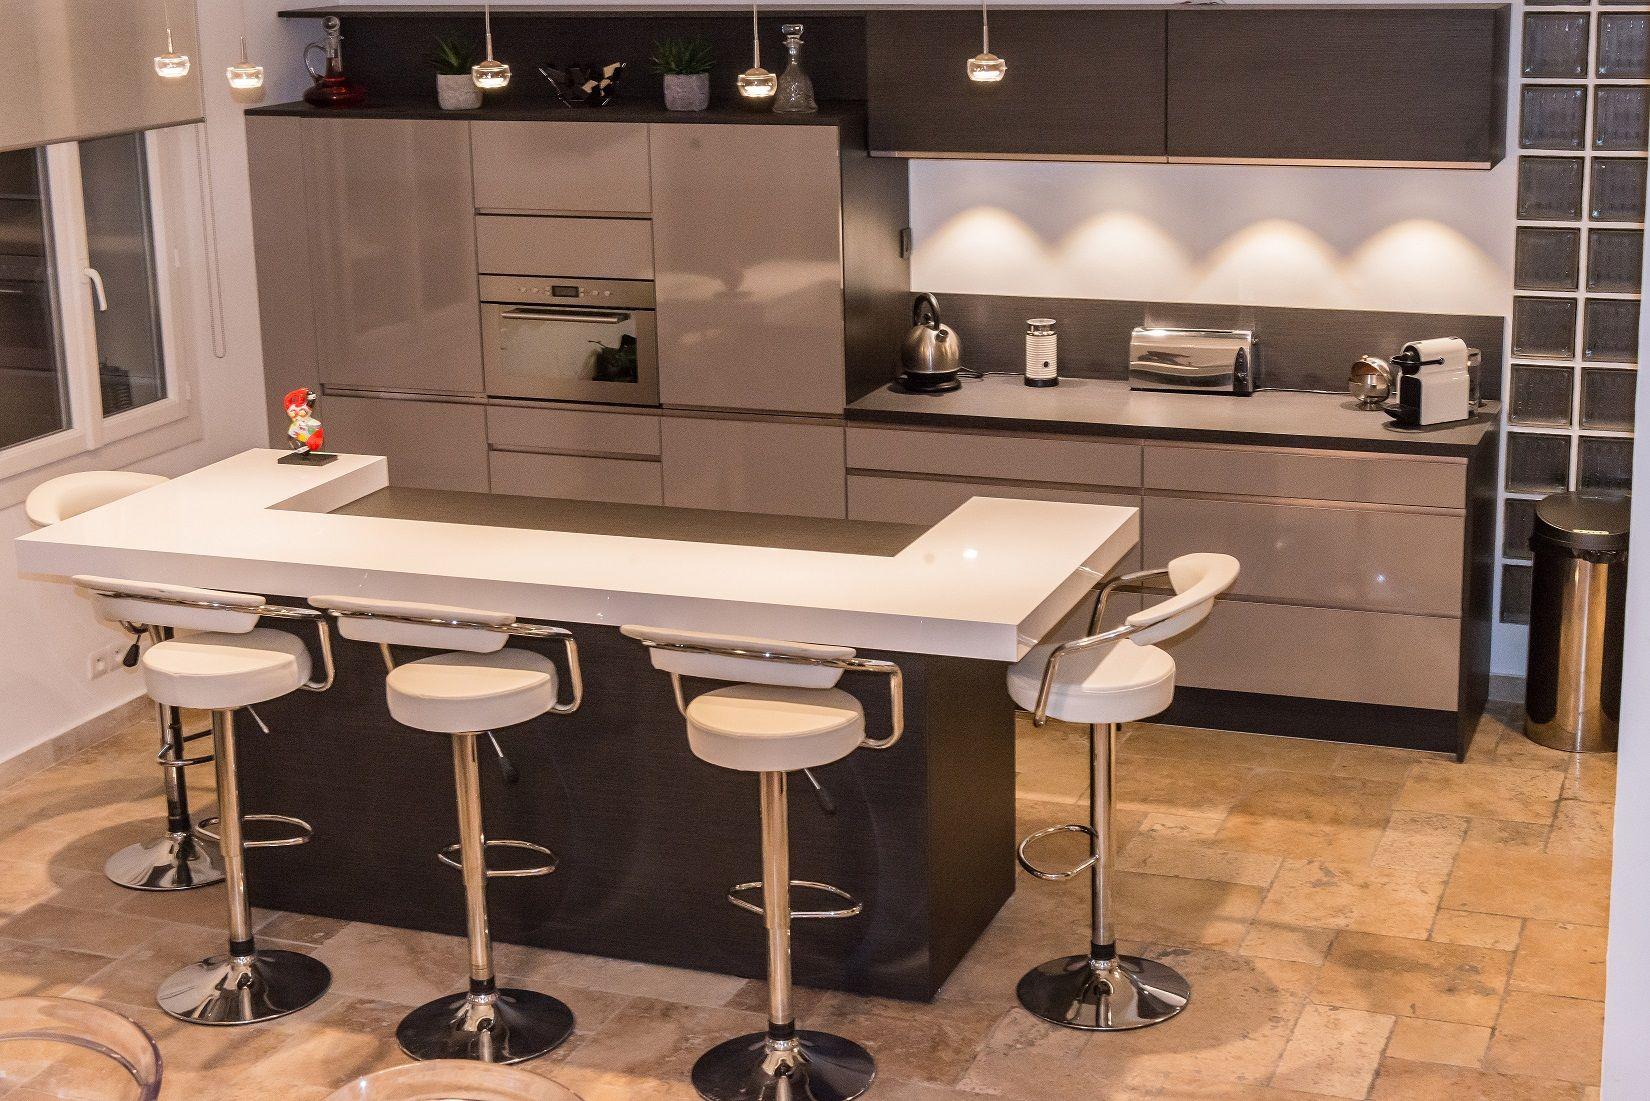 Retrouvez la cuisine star jet et son coloris gris taupe - Cuisine taupe brillant ...